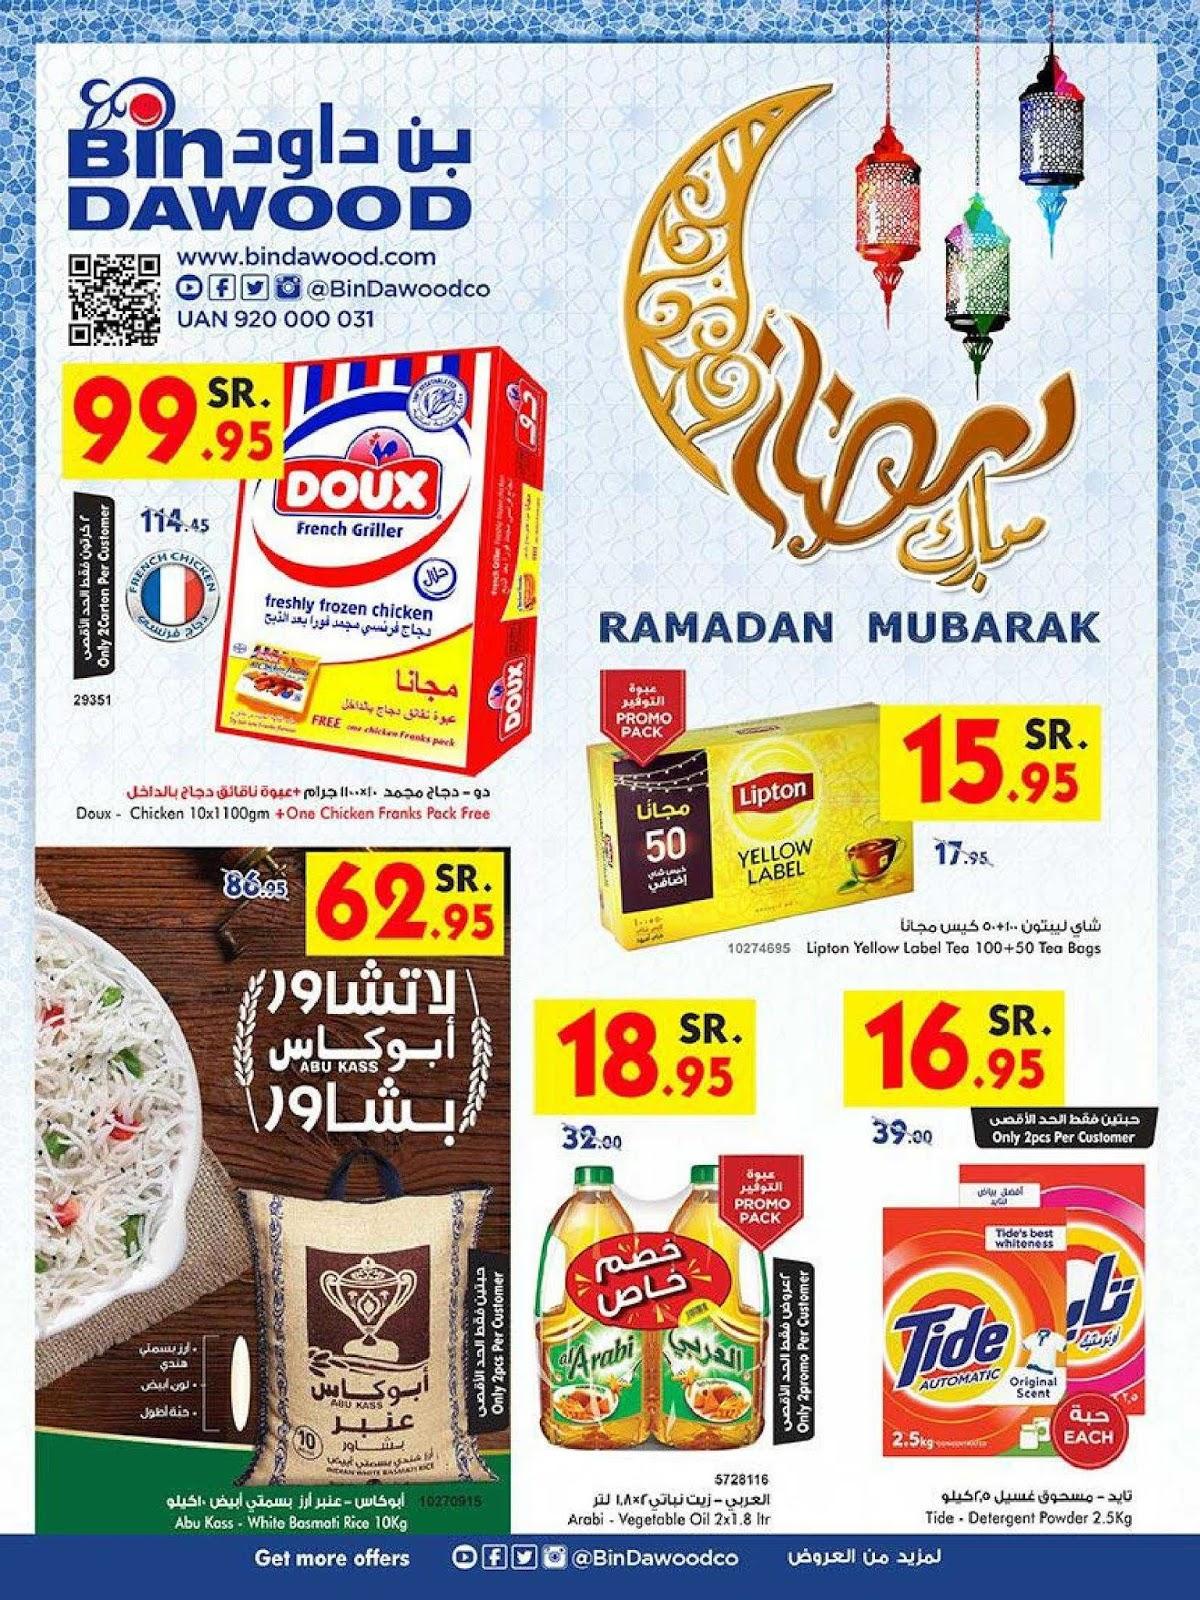 عروض بن داود السعودية الاسبوعية من 10 ابريل حتى 16 ابريل 2019 رمضان مبارك